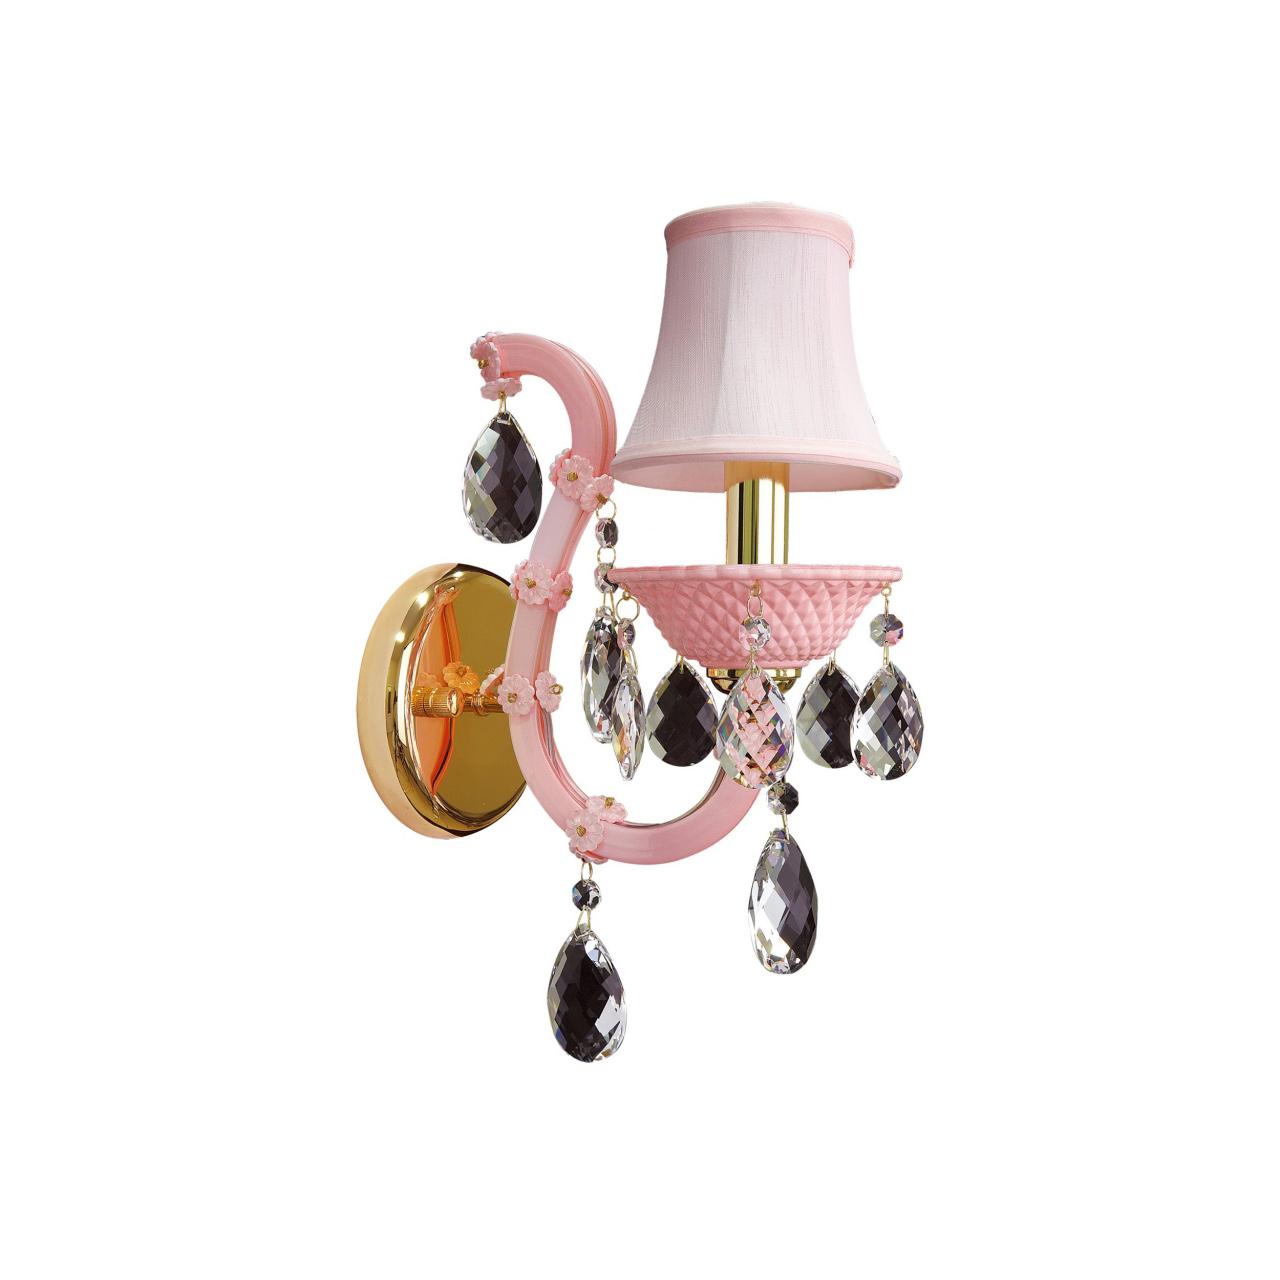 Бра Princia 1х40W E14 K розовый / прозрачный Osgona 726612